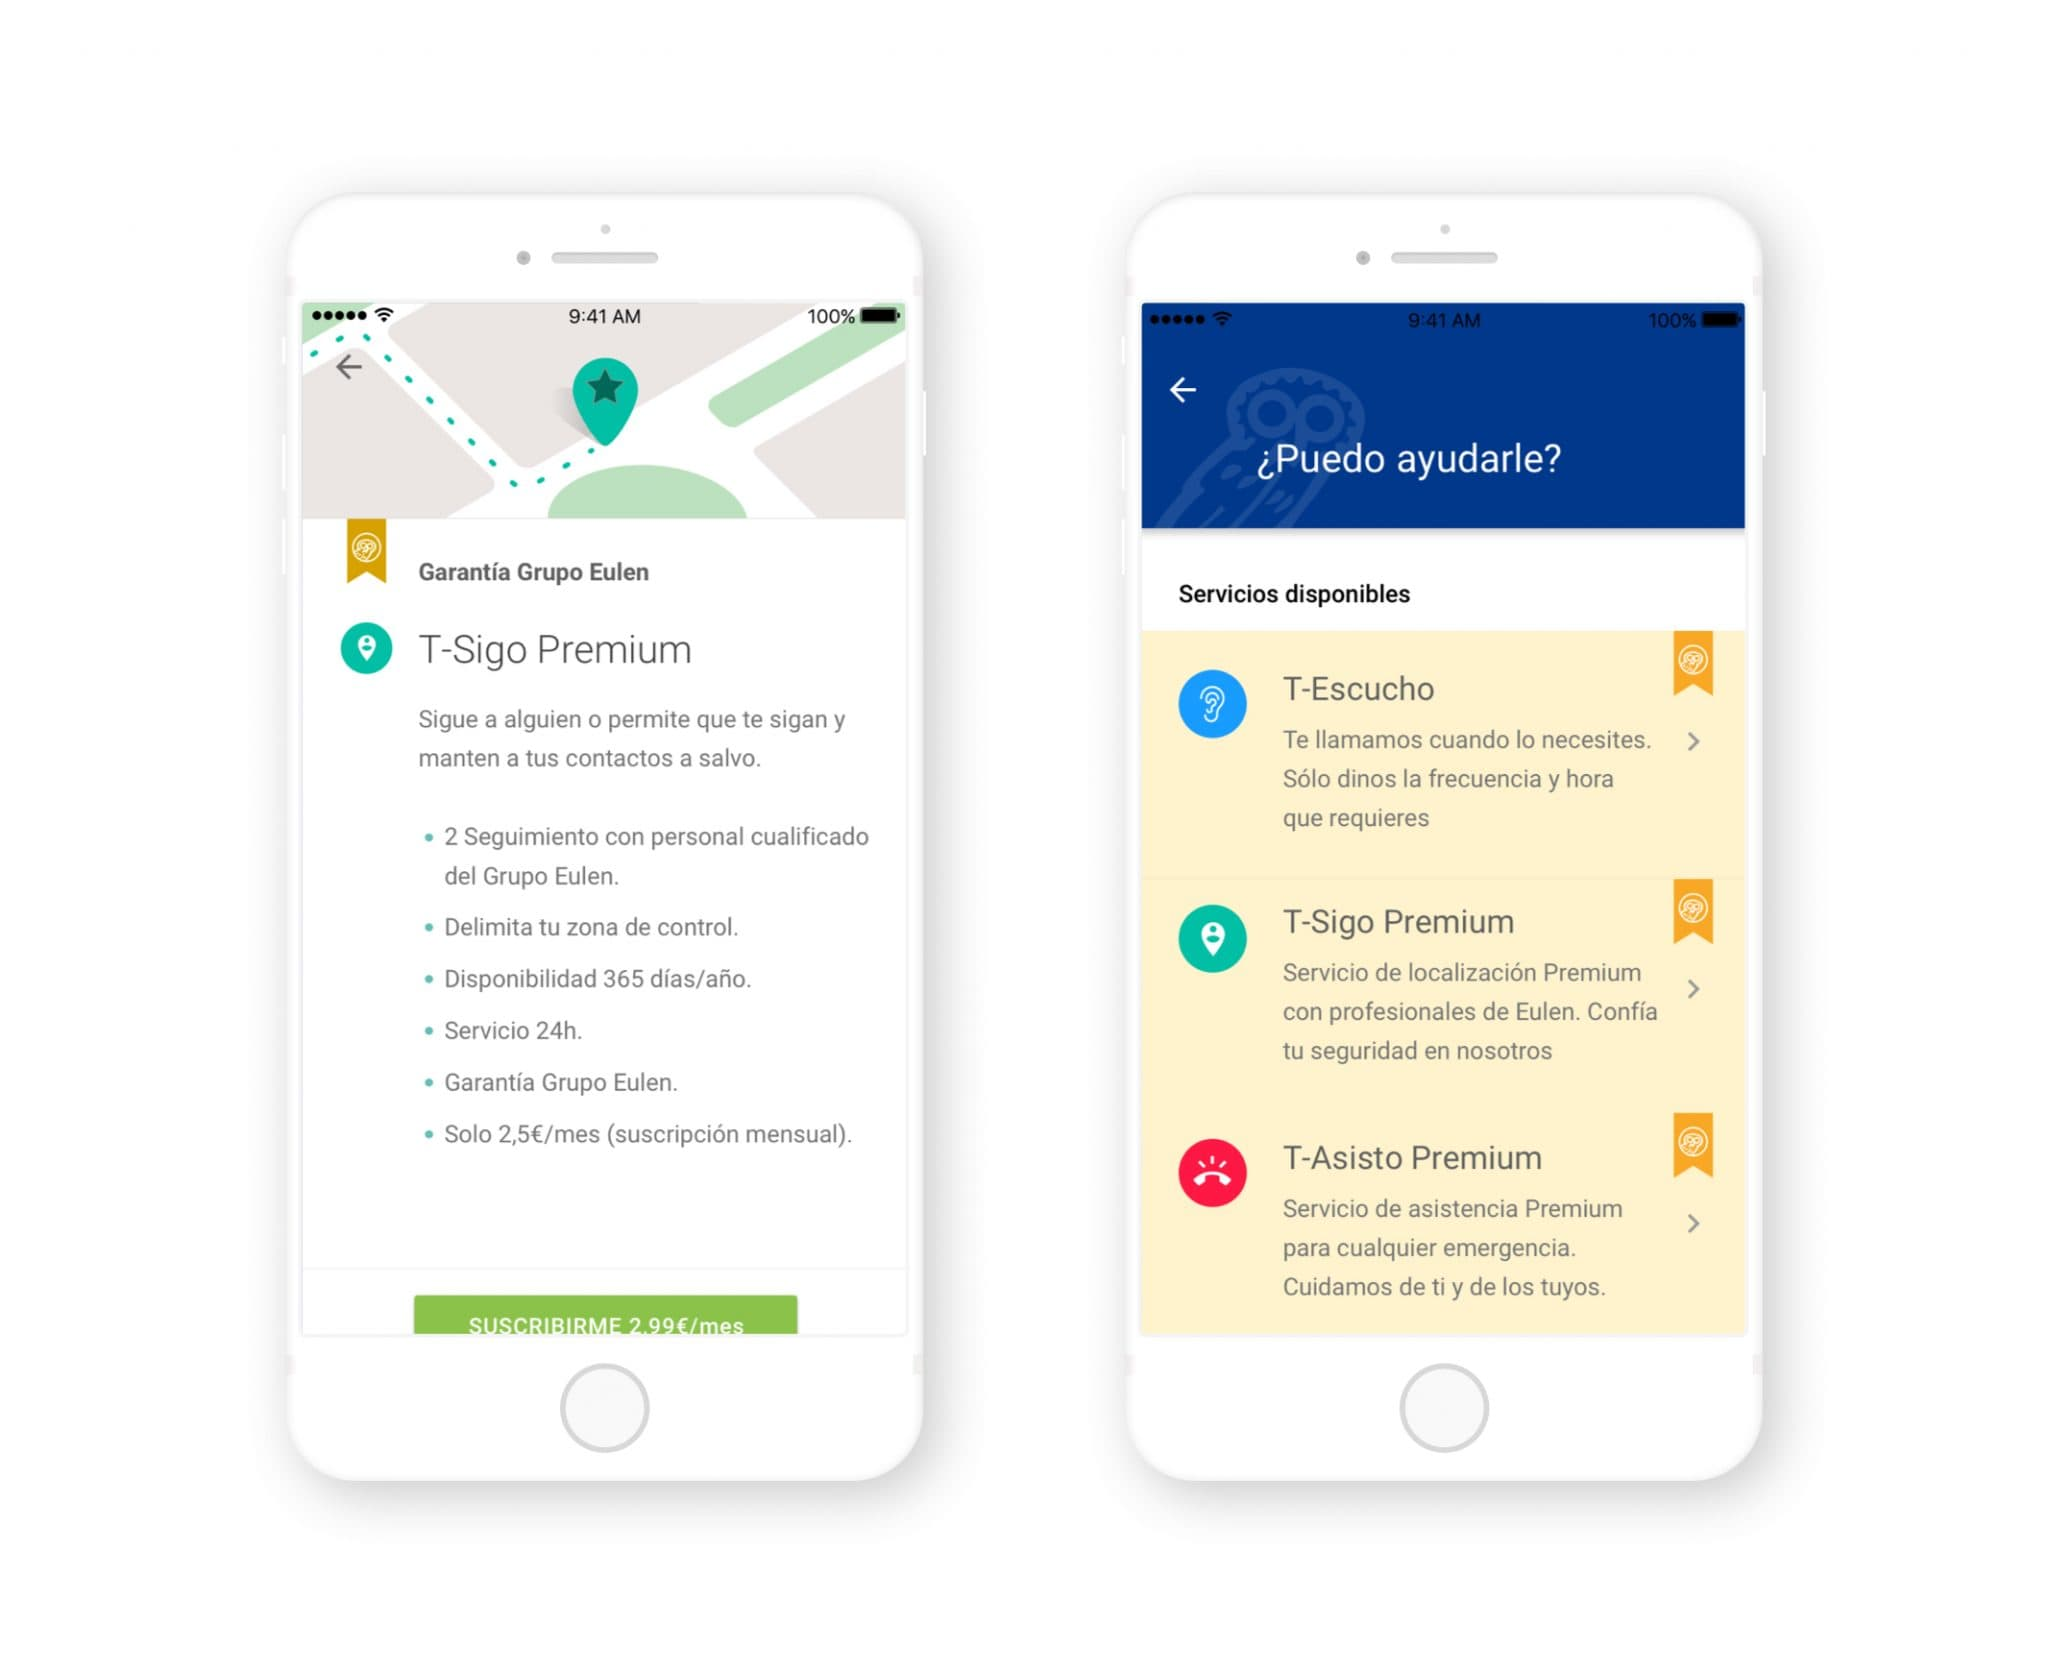 Eulen lanza la app de teleasistencia 'Acércate'